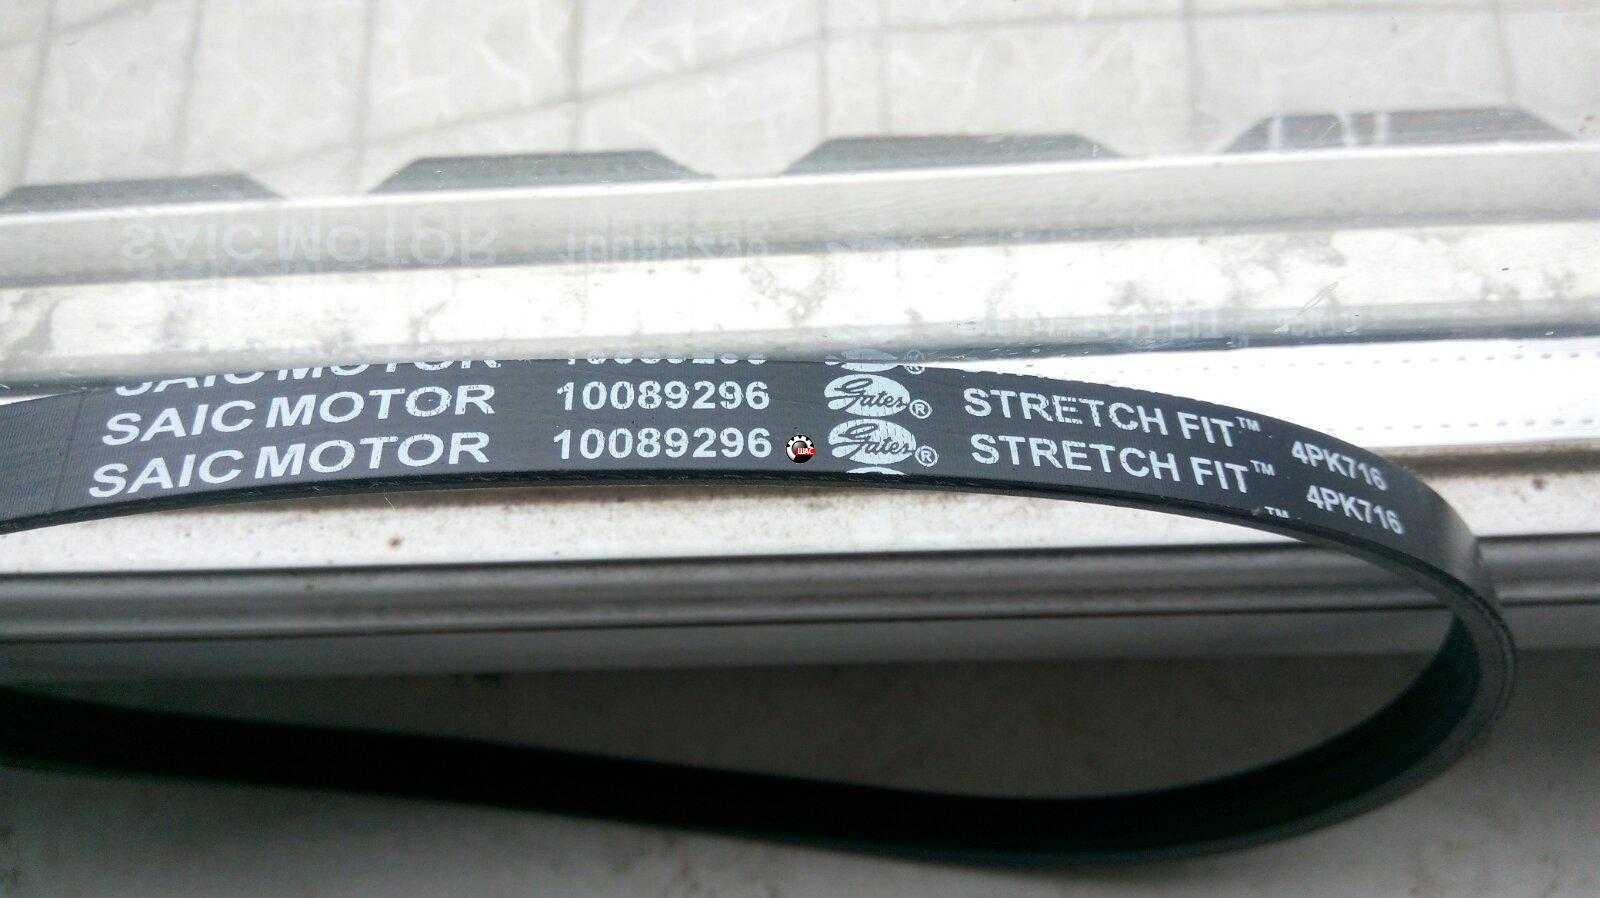 MG 6 Ремень гидроусилителя самонатяжной 10089296